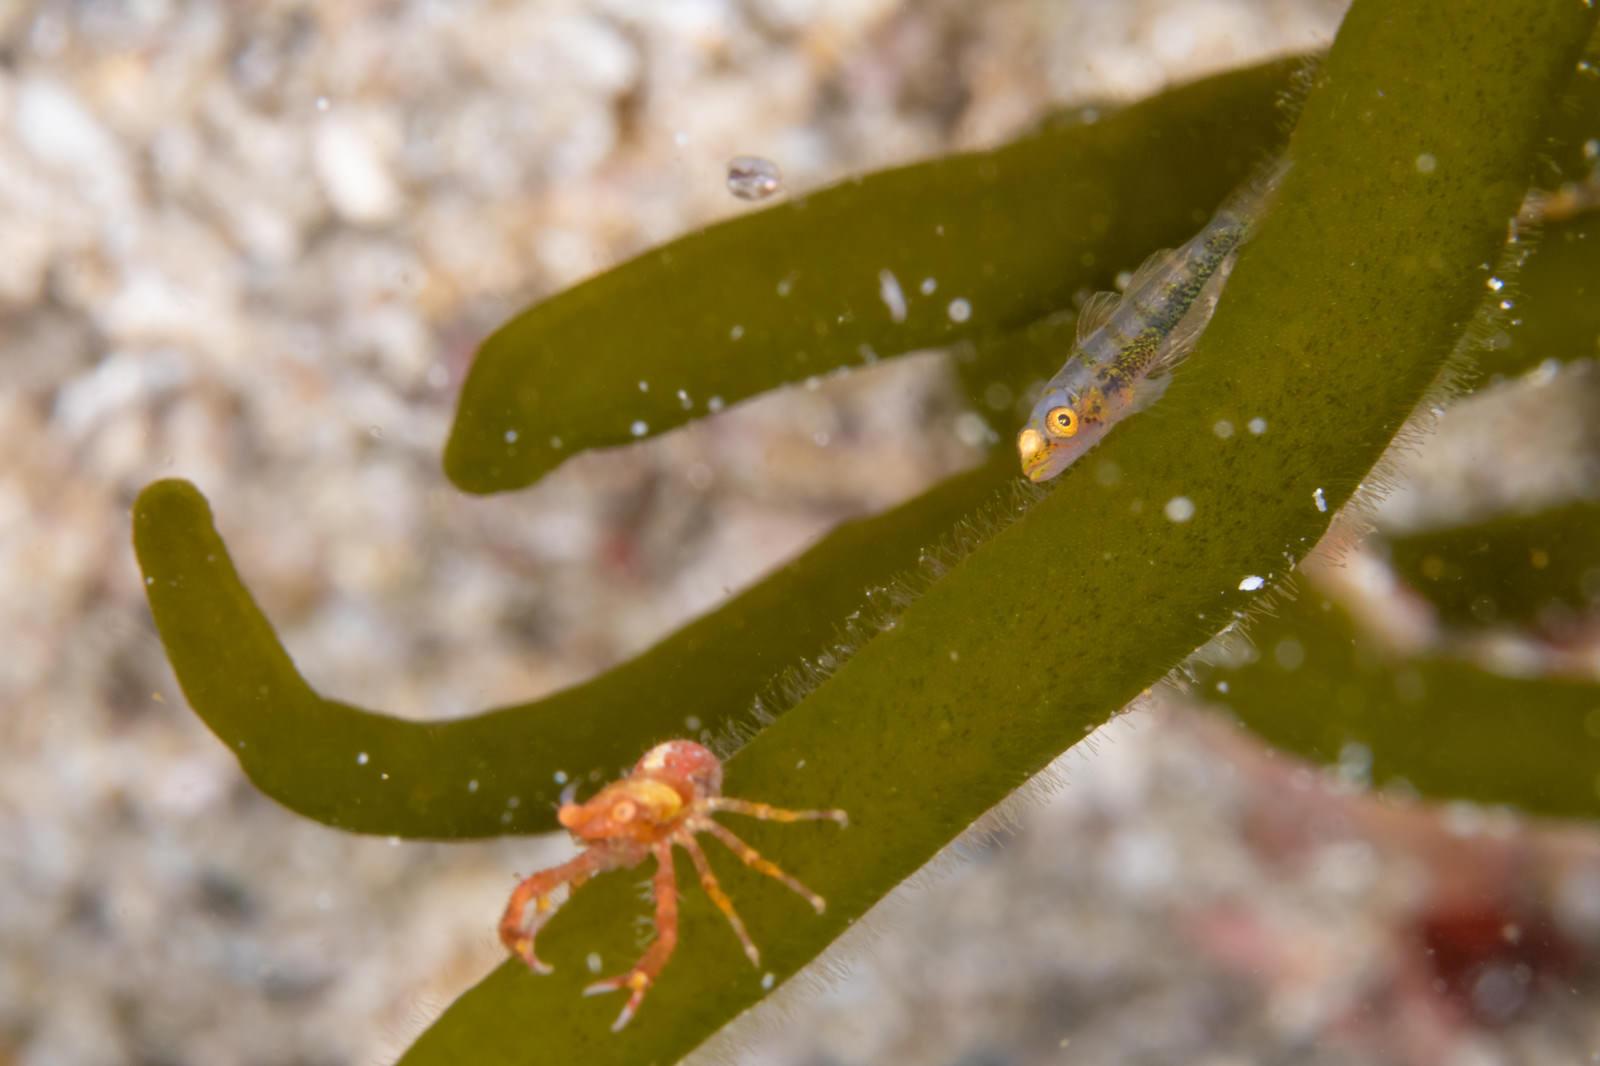 「チュウコシオリエビを追いかけるガラスハゼ(ハゼ科)」の写真